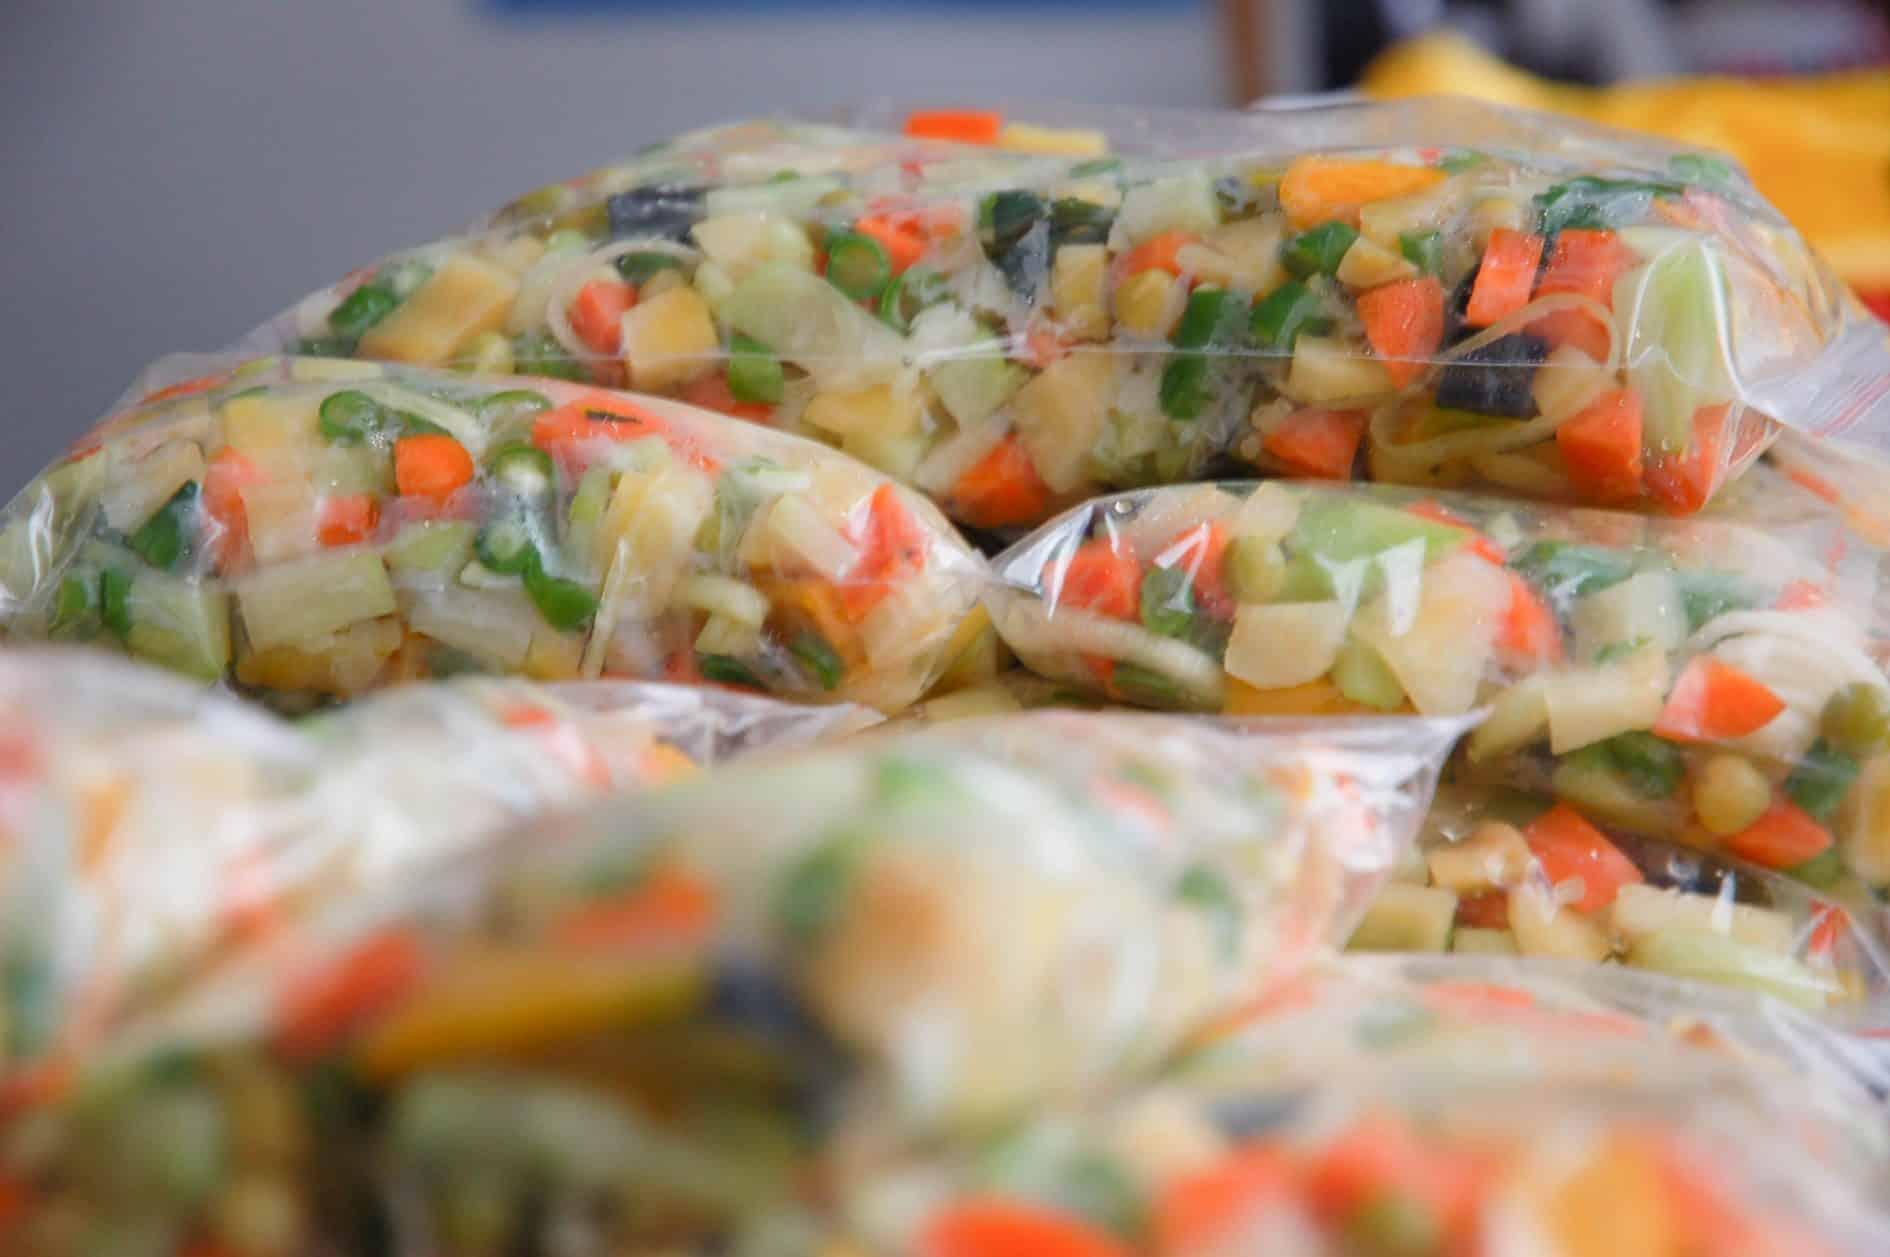 Seleta de legumes congelados no freezer